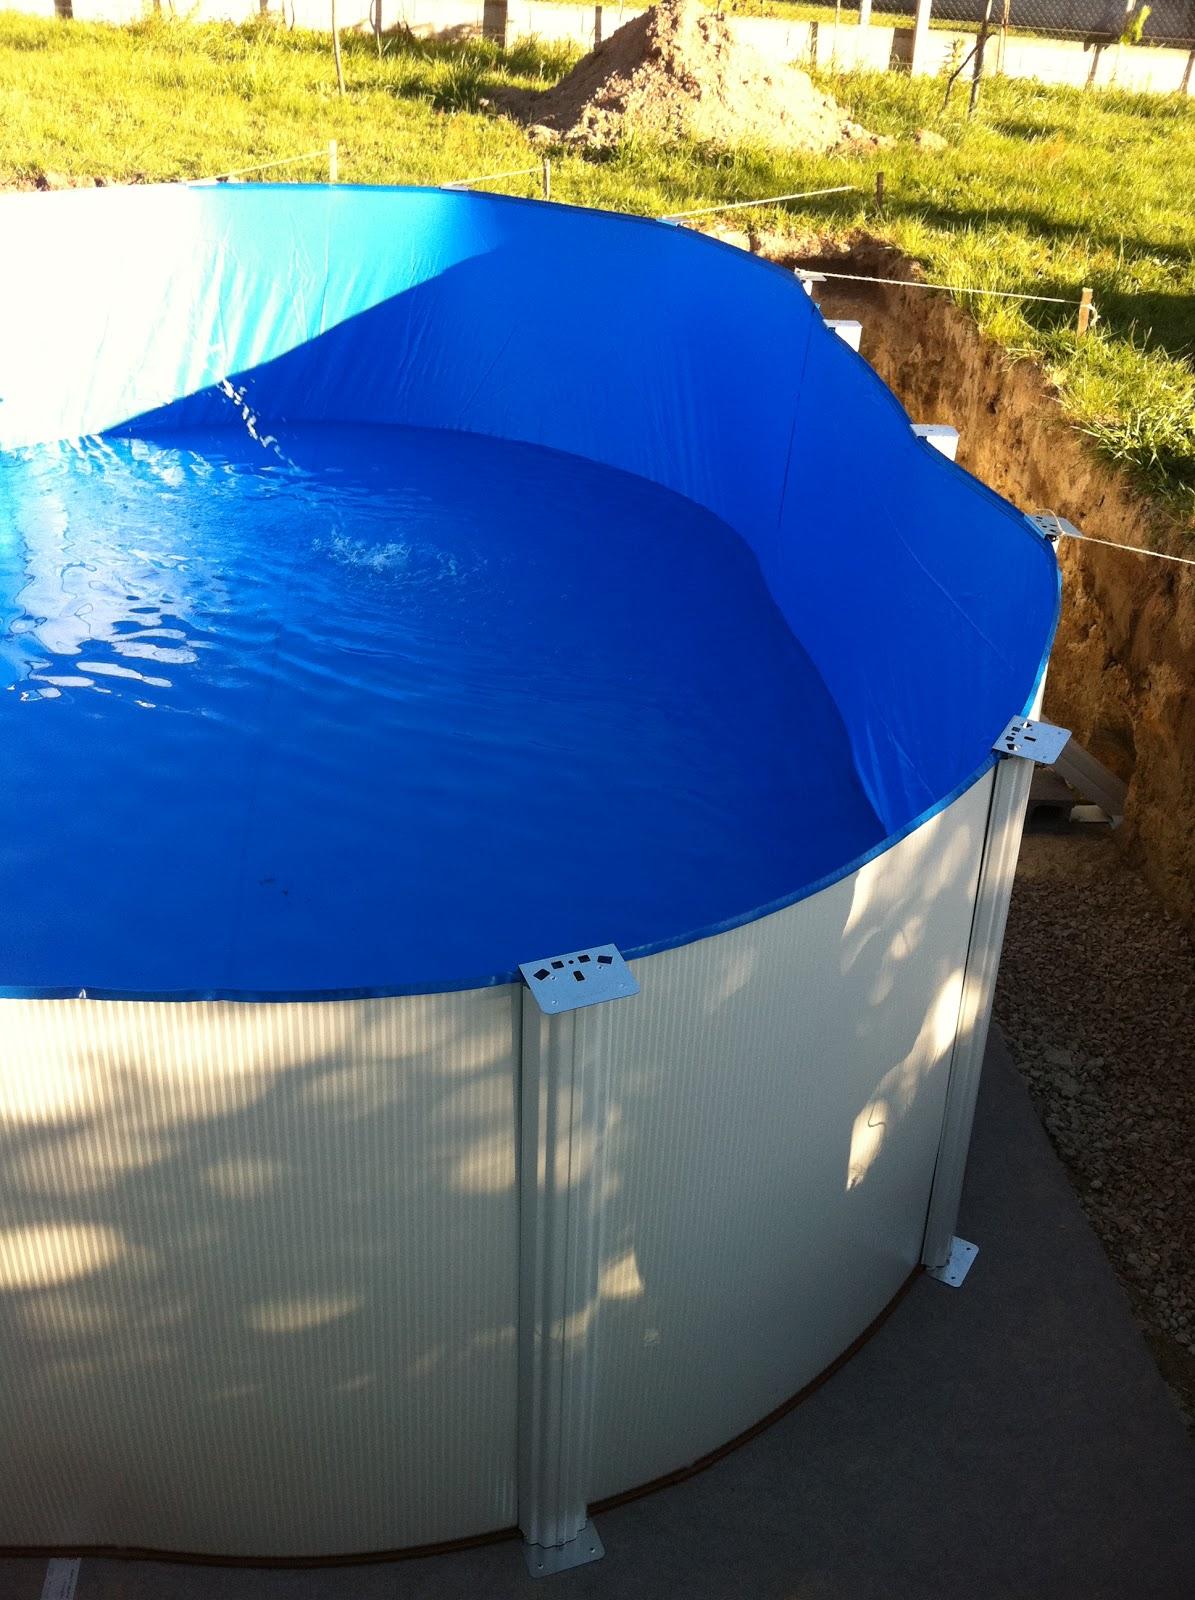 Montaje piscina gre enterrada como montar una piscina gre enterrada paso a paso - Piscinas de montar ...